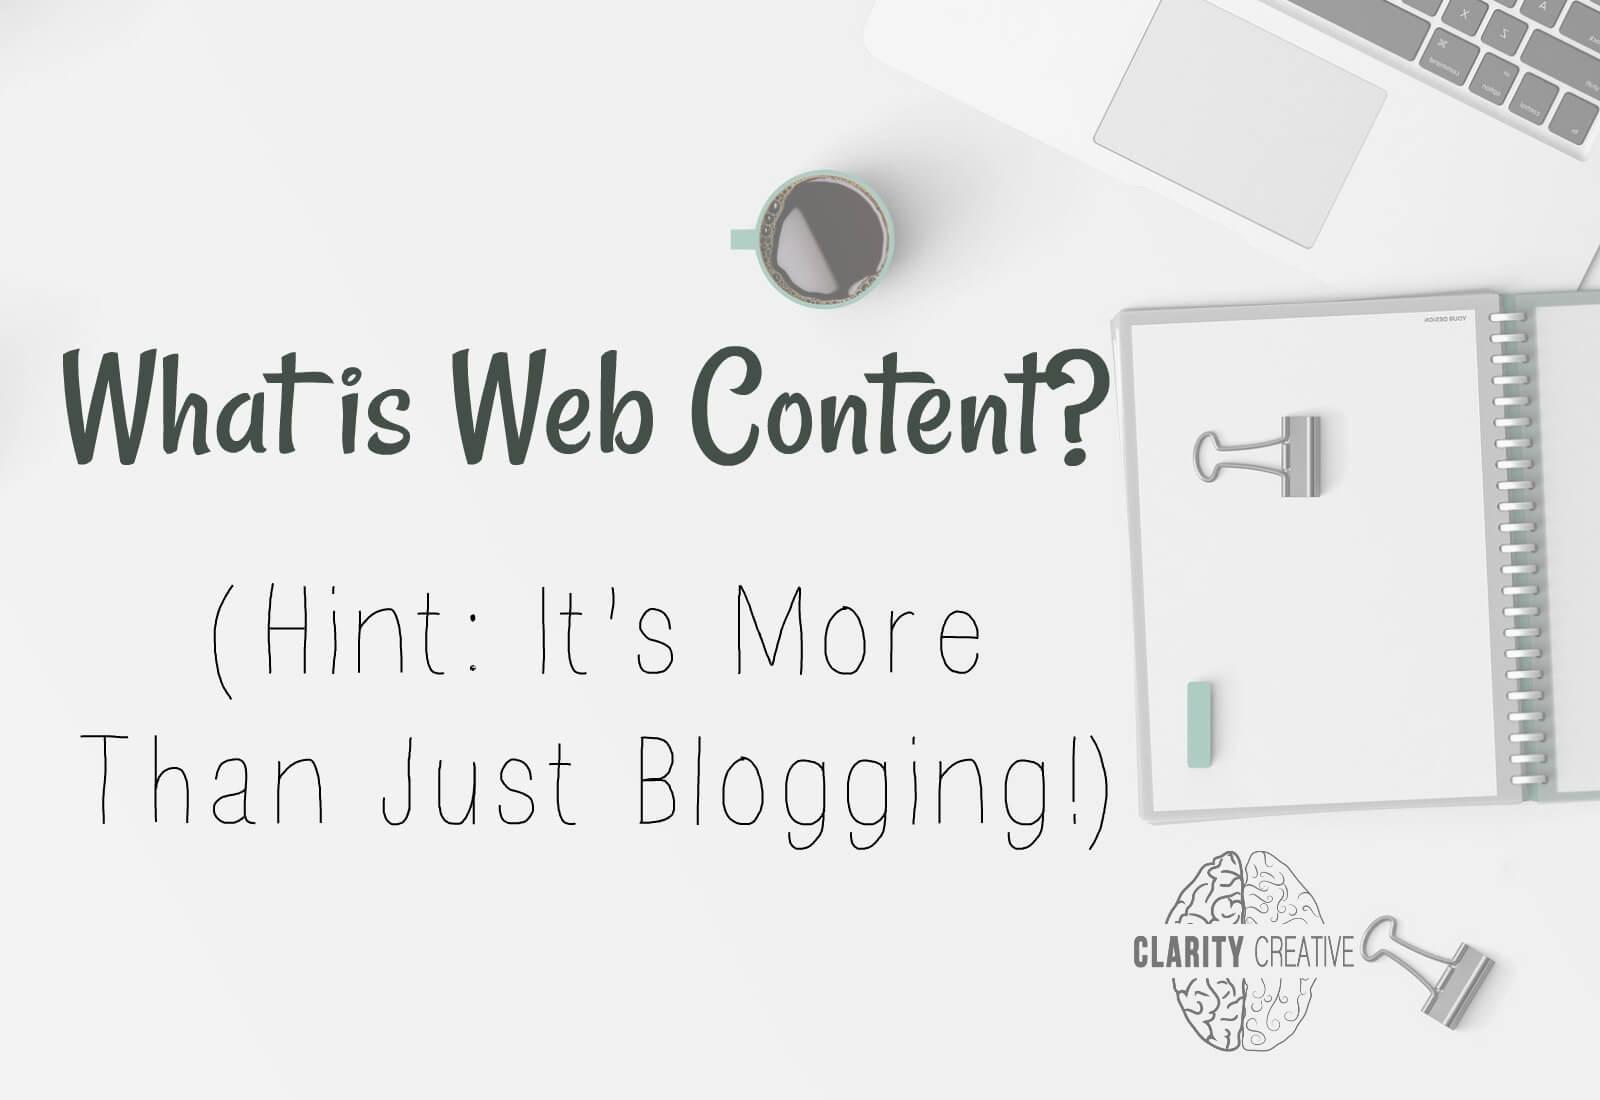 just blogging